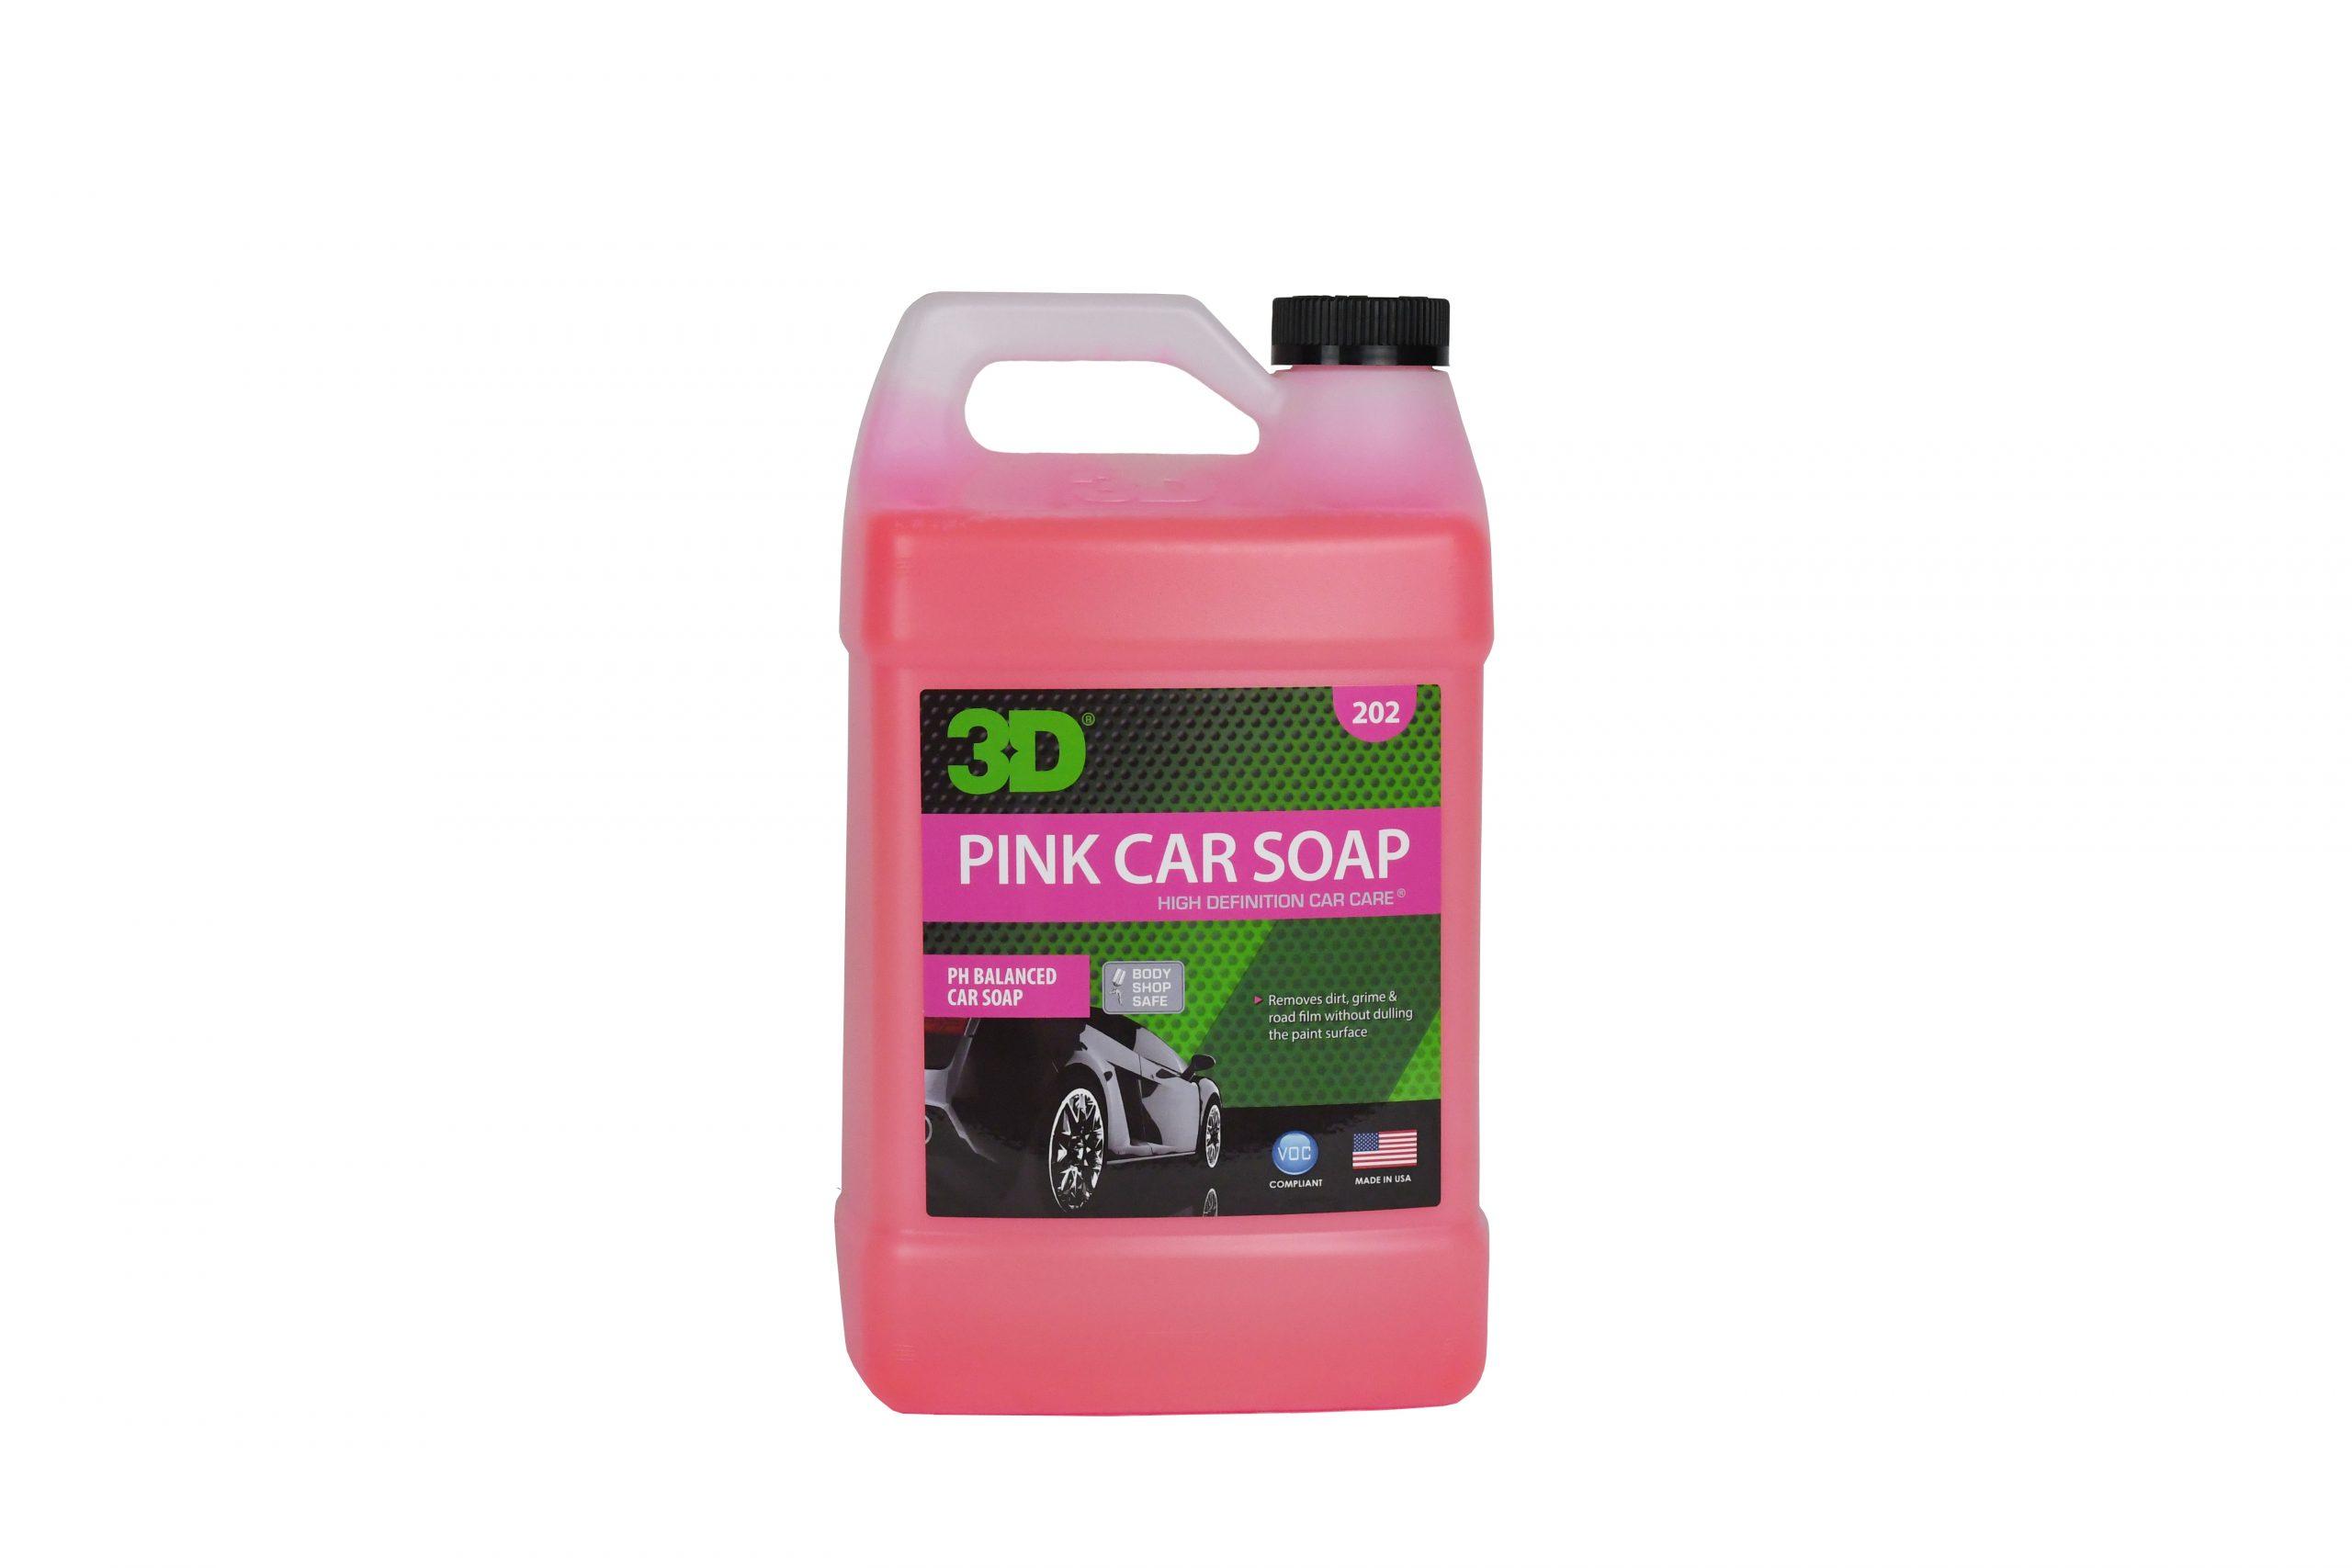 Bottle of Pink Car Soap